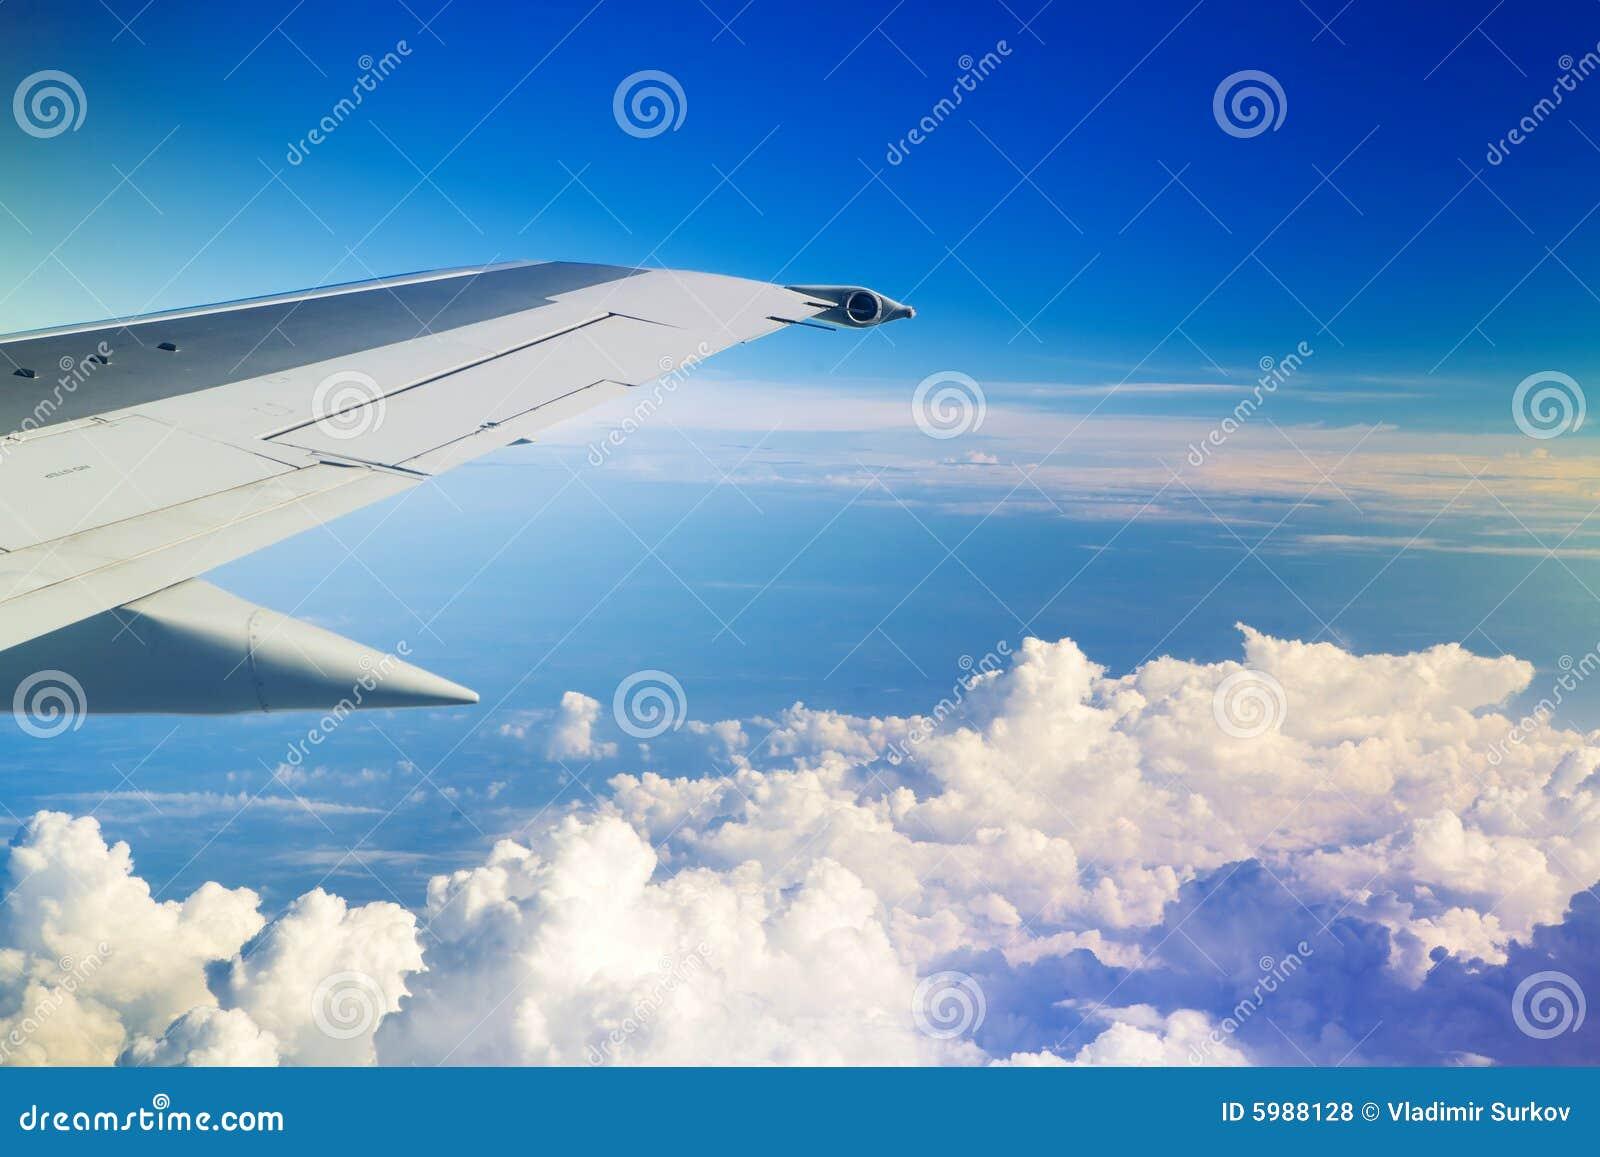 Flügel des Flugzeuges